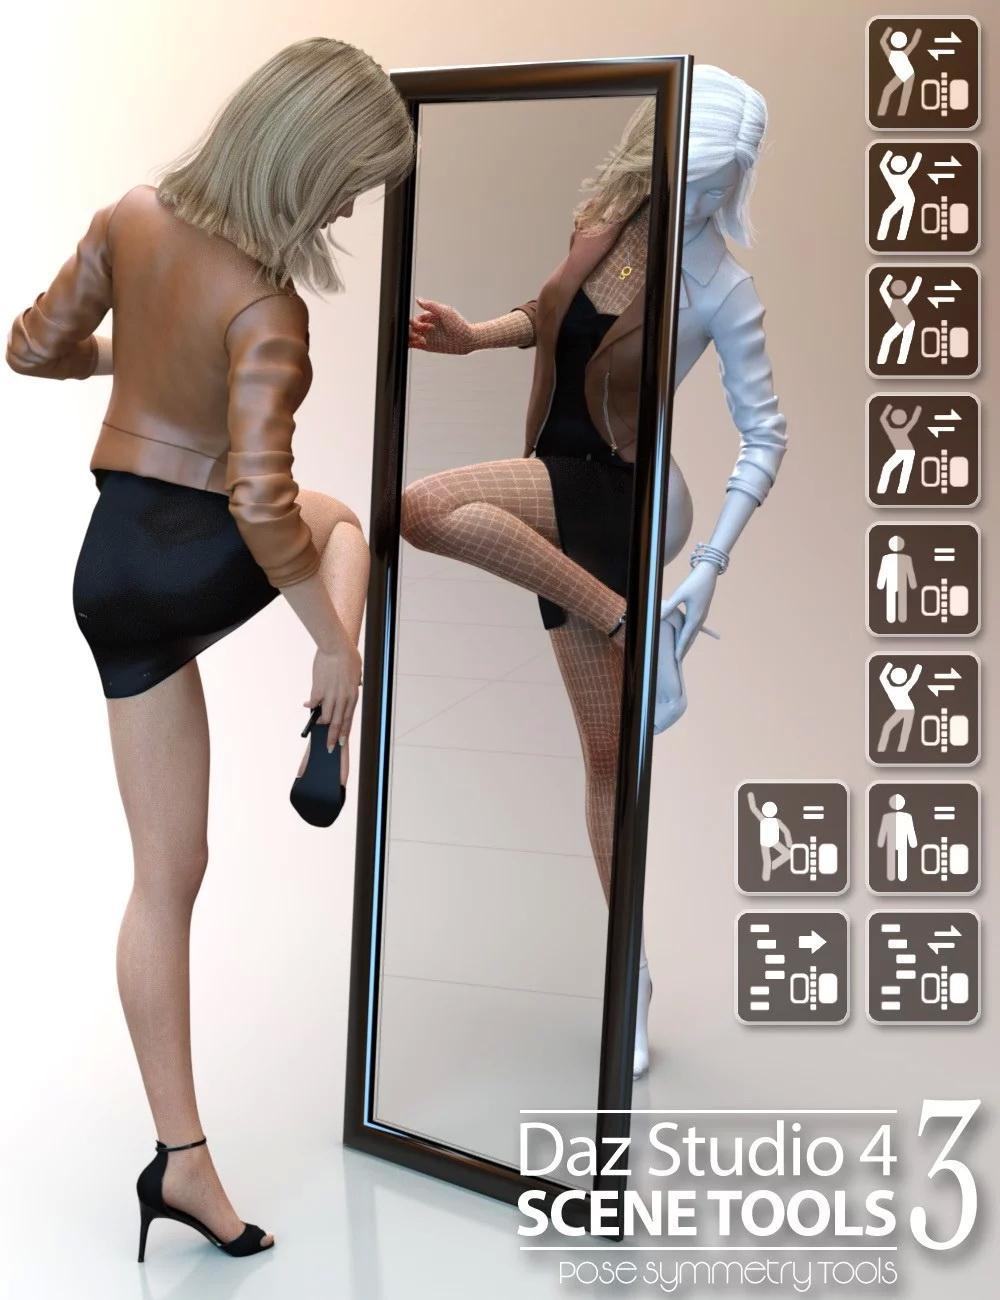 Daz Studio 4 Scene Tools Set 3 - Pose Symmetry